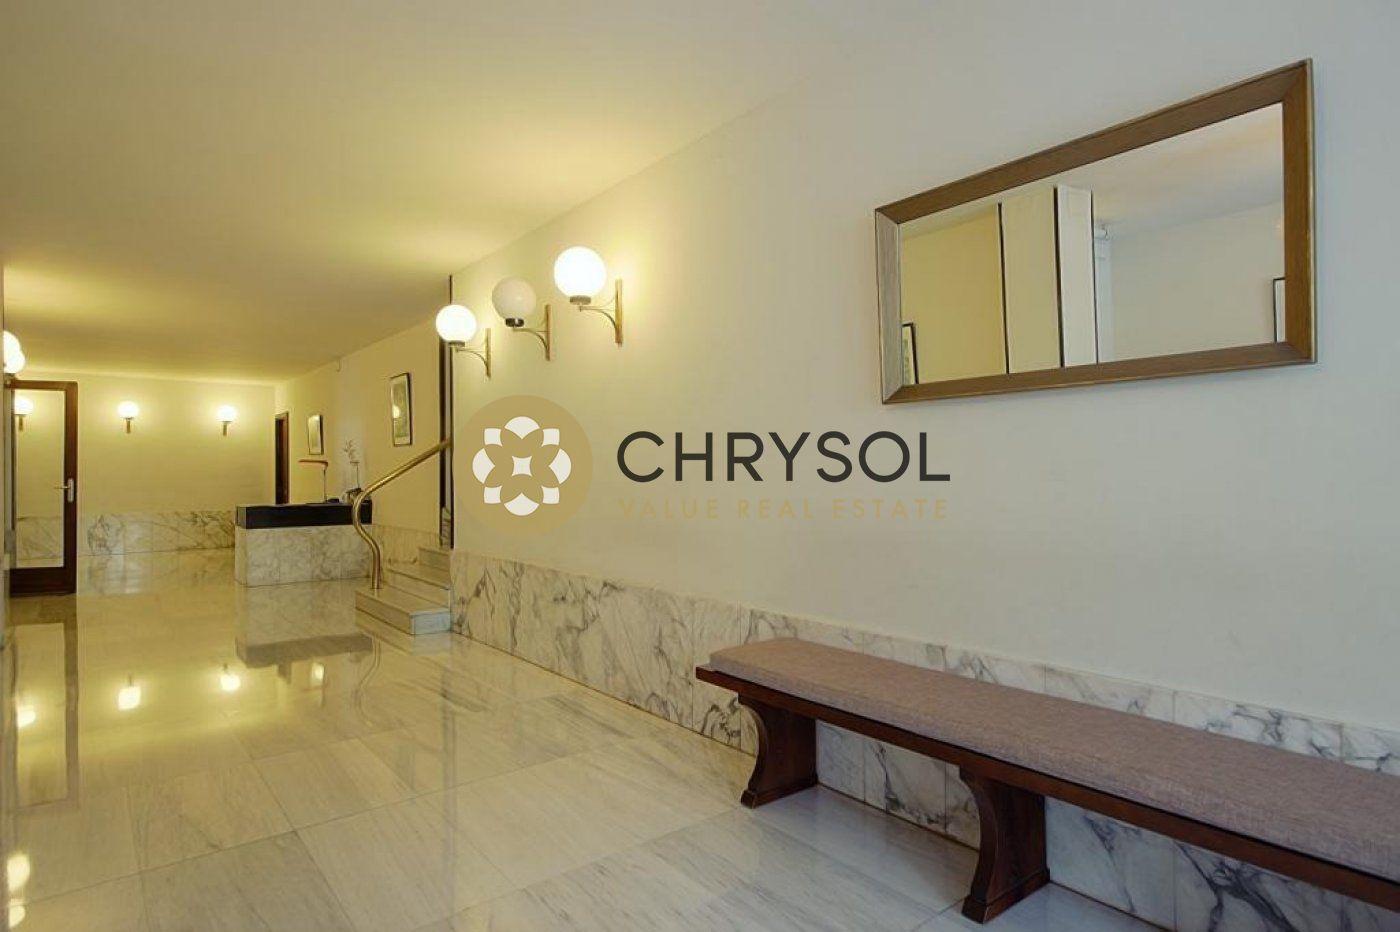 Fotogalería - 19 - Chrysol Value